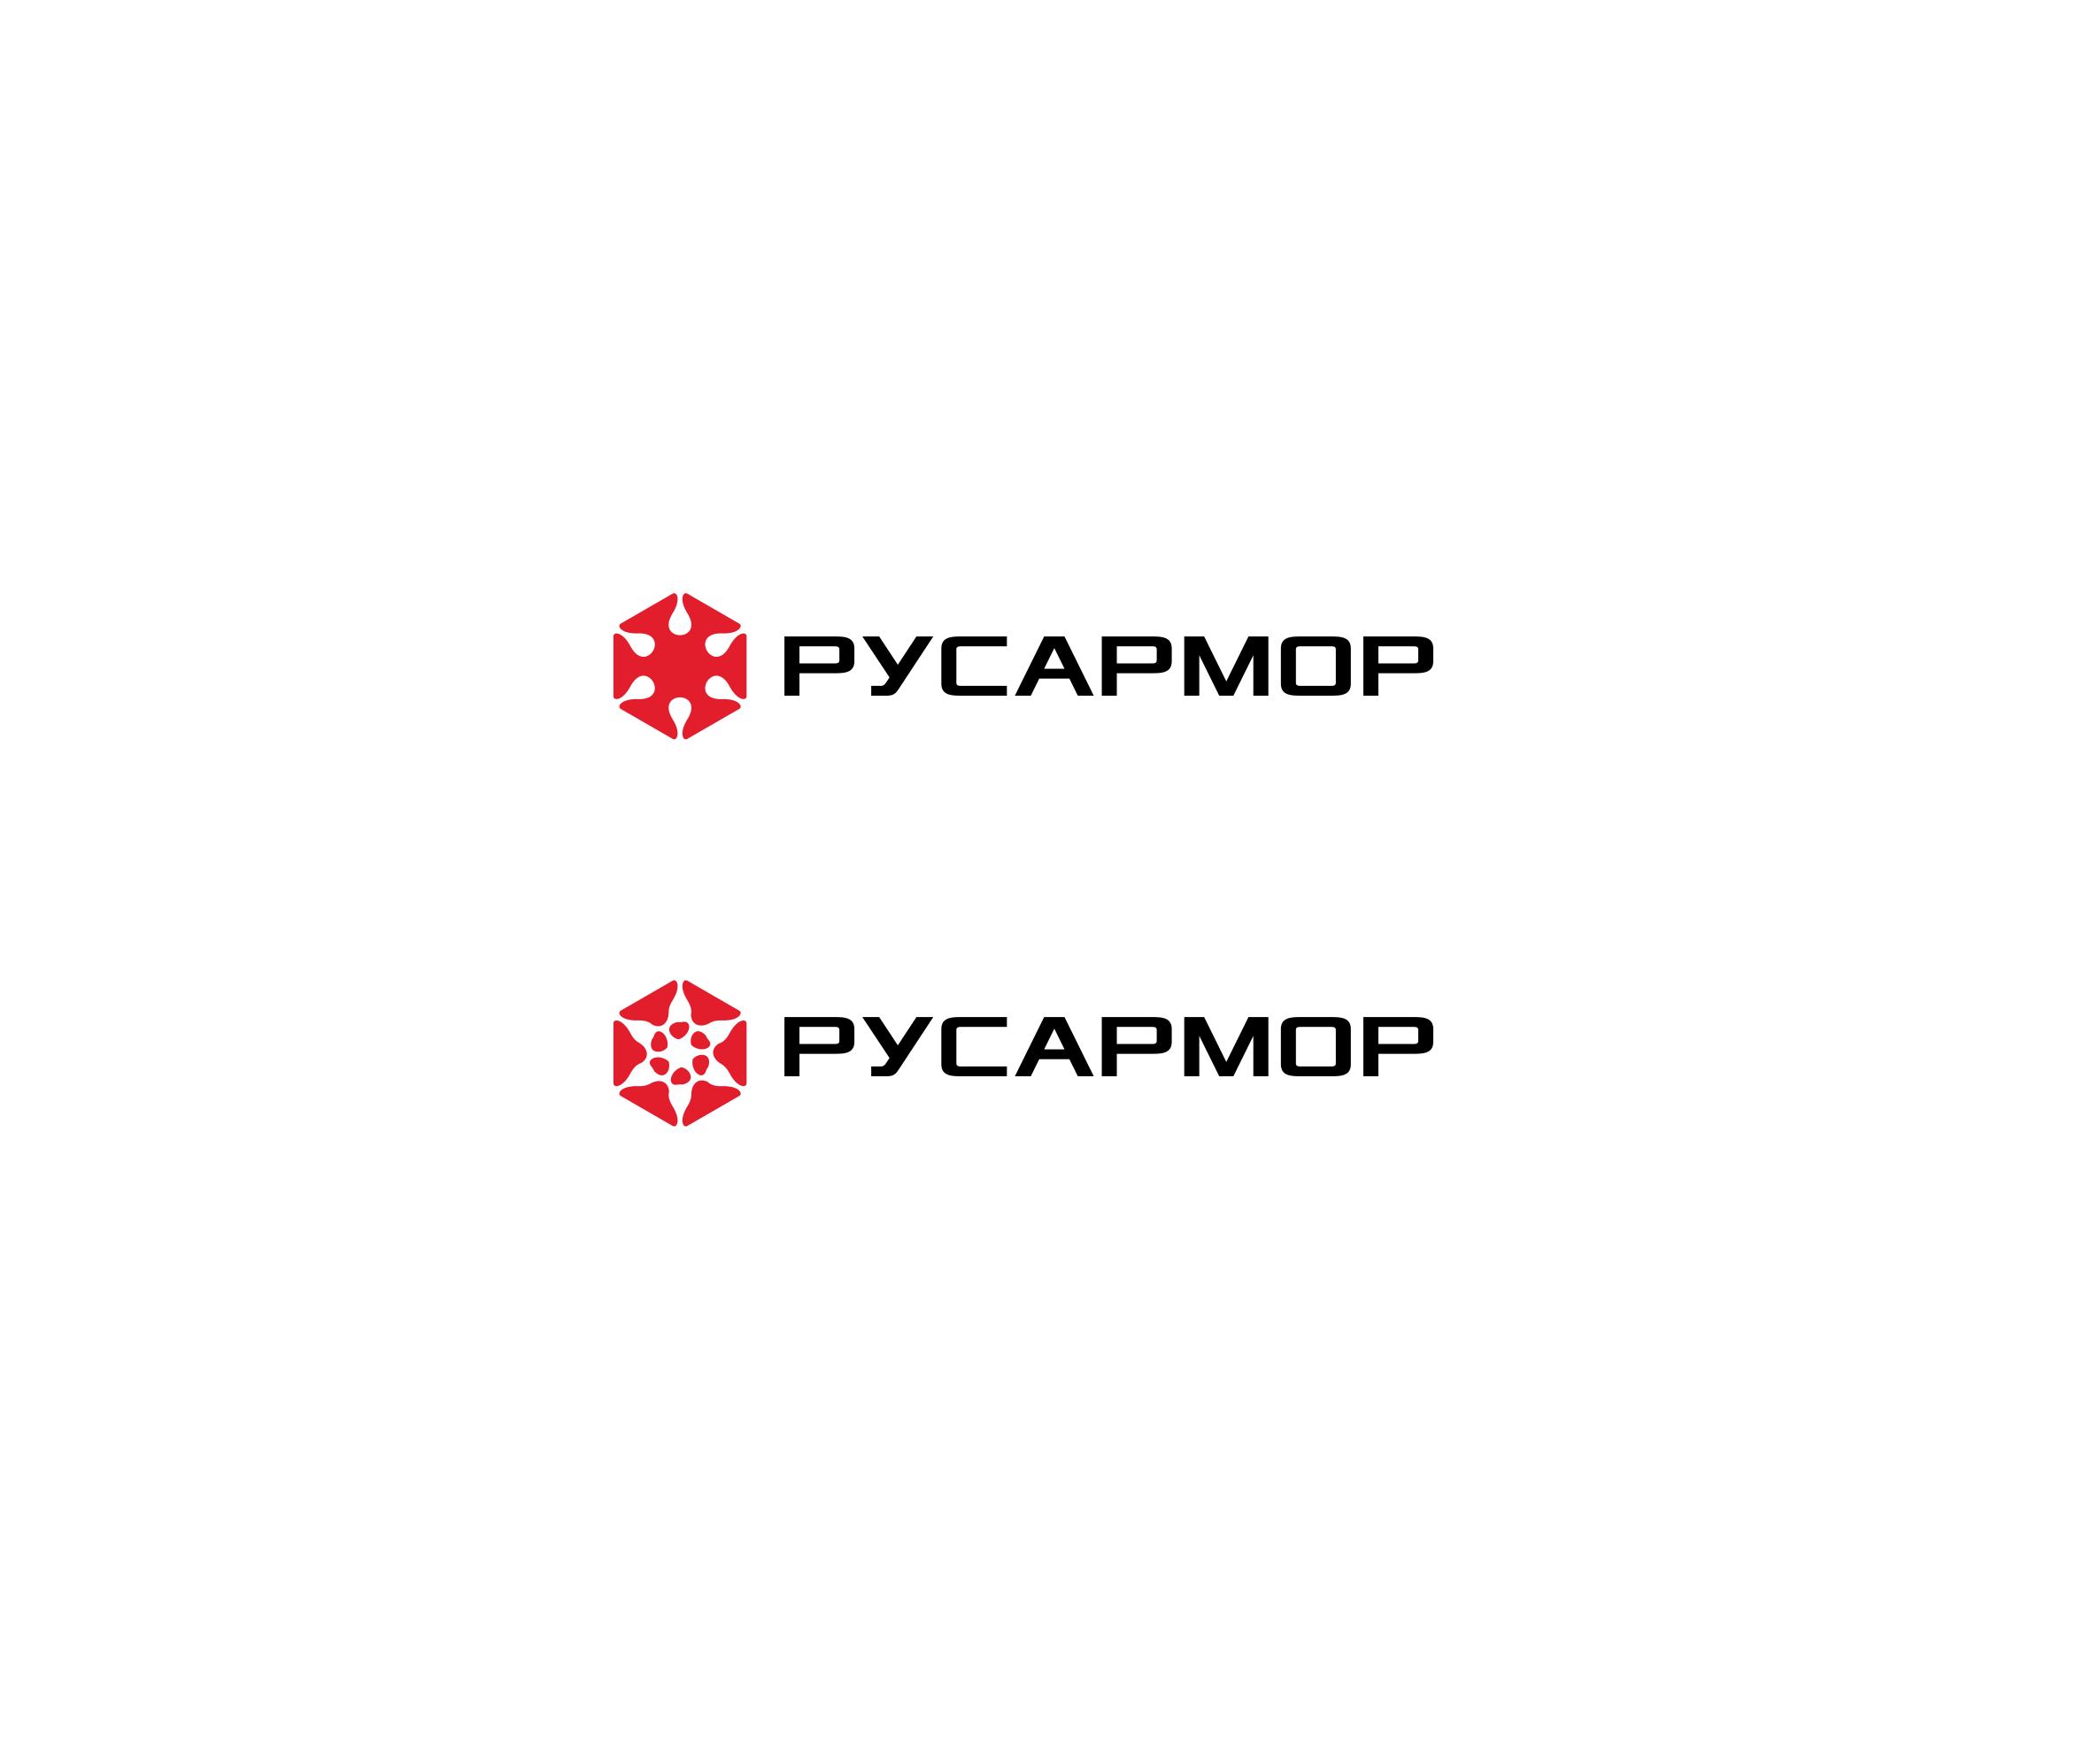 Разработка логотипа технологического стартапа РУСАРМОР фото f_4935a0e9241bc837.png